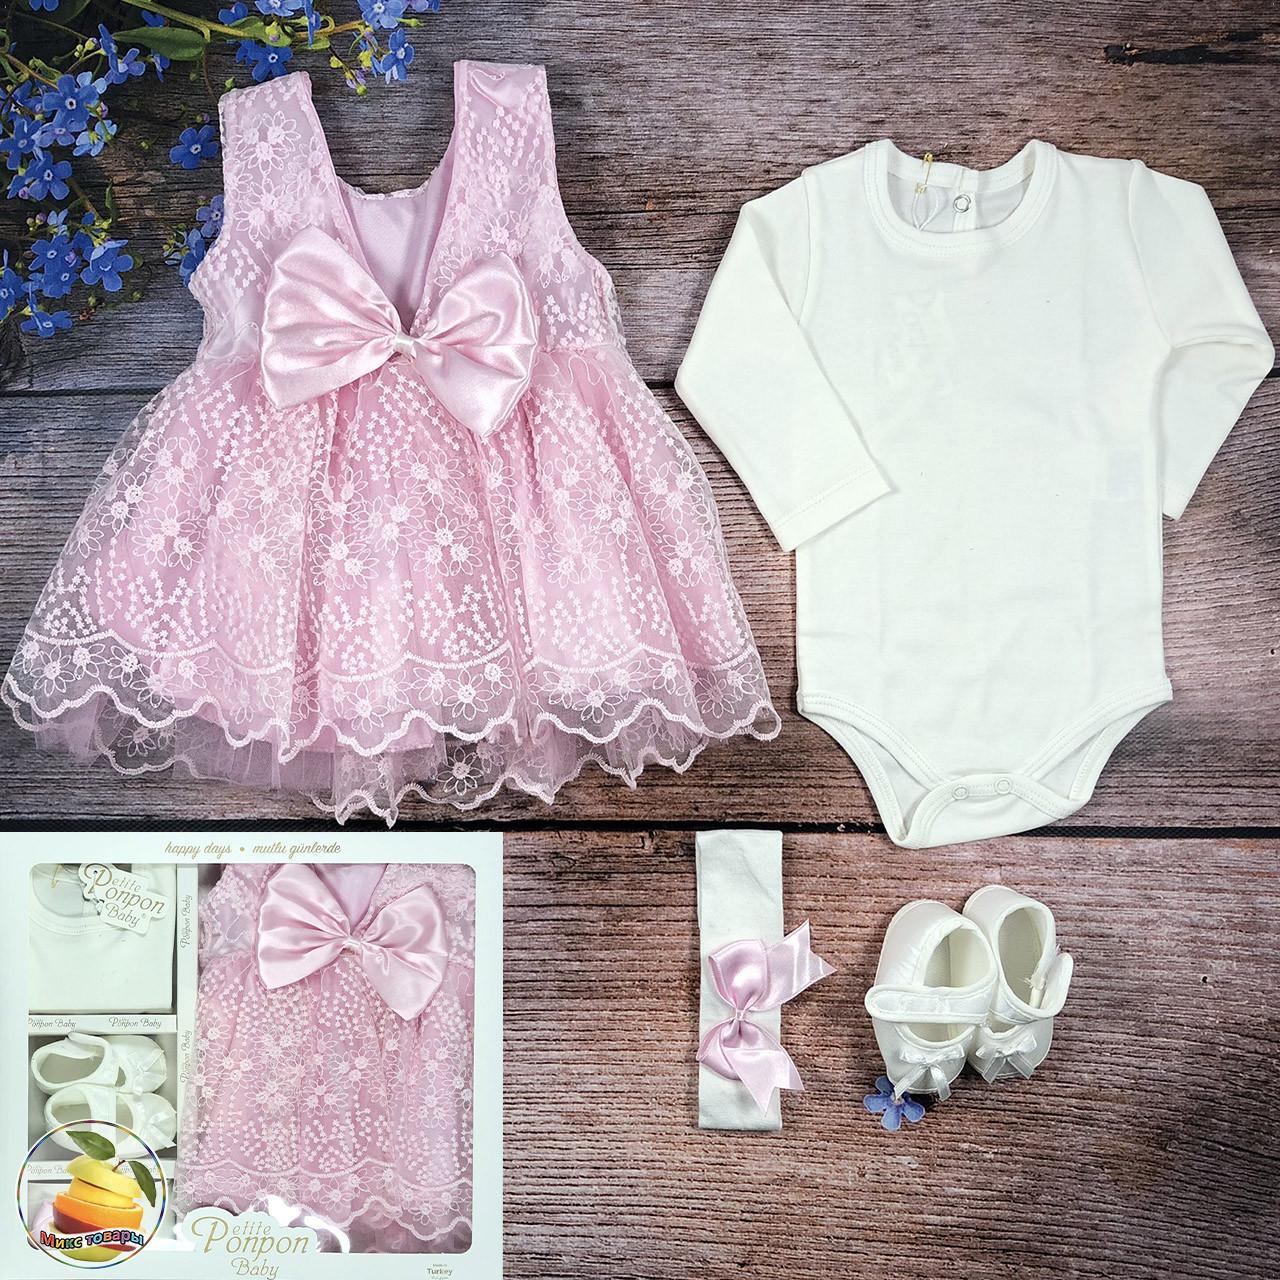 """Крестильный набор """"Розового цвета"""" для девочки Размер: 0-3 месяца (20038-3)"""